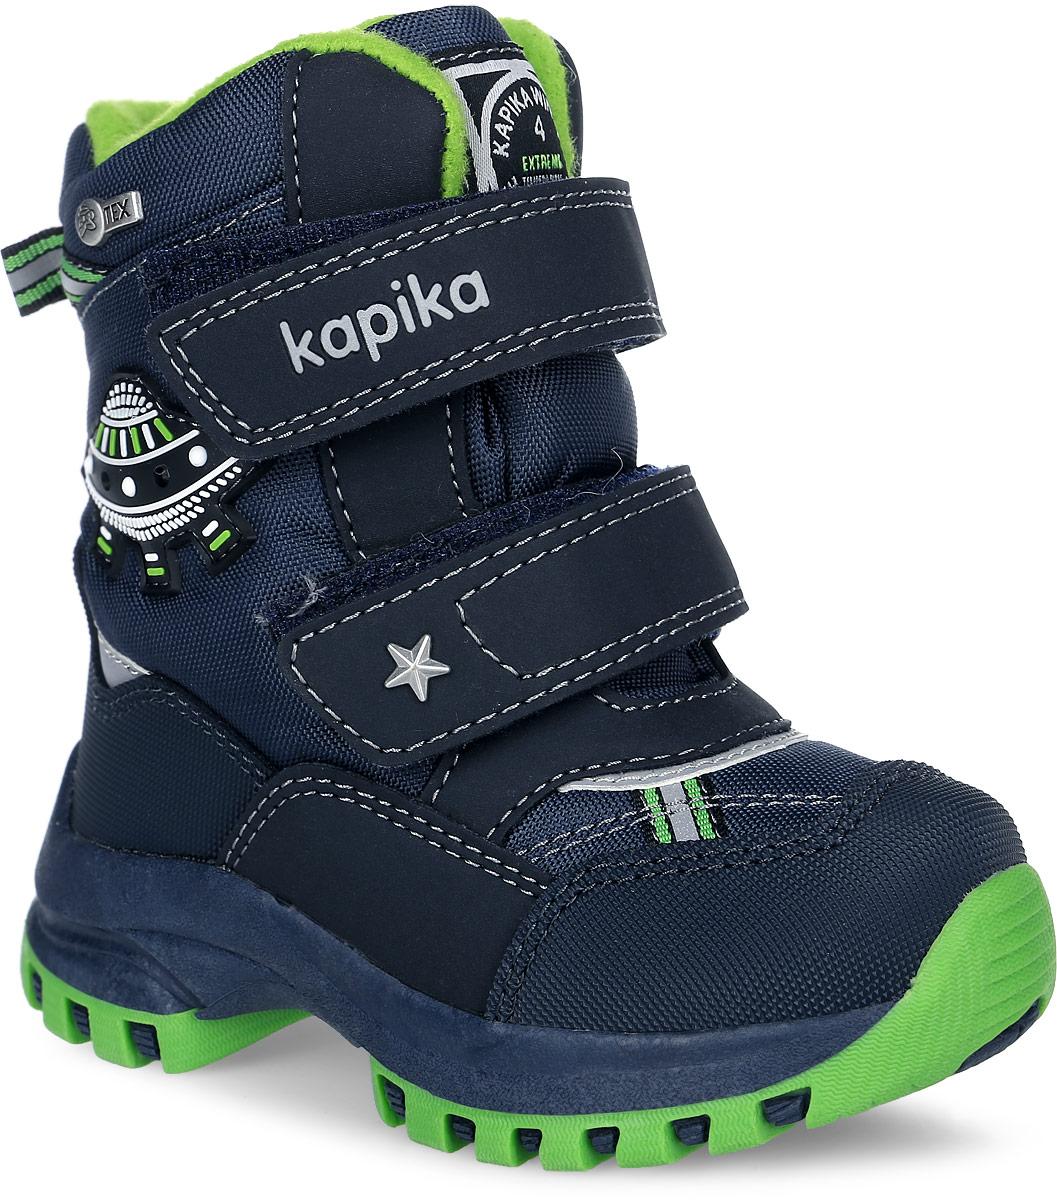 41147-1Ботинки от Kapika придутся по душе вашему мальчику. Модель идеально подходит для зимы, сохраняет комфортный микроклимат в обуви как при ношении на улице, так и в помещении. Верх обуви изготовлен из искусственной кожи со вставками из водонепроницаемого текстиля, язычок и ремешок декорированы фирменным логотипом бренда, боковая сторона - нашивкой в виде летающей тарелки. Два ремешка на застежке-липучке надежно зафиксируют изделие на ноге. Подкладка и стелька изготовлены из текстиля и шерсти, что позволяет сохранить тепло и гарантирует уют ногам. Подошва с рифлением обеспечивает идеальное сцепление с любыми поверхностями. Такие чудесные ботинки займут достойное место в гардеробе вашего ребенка.